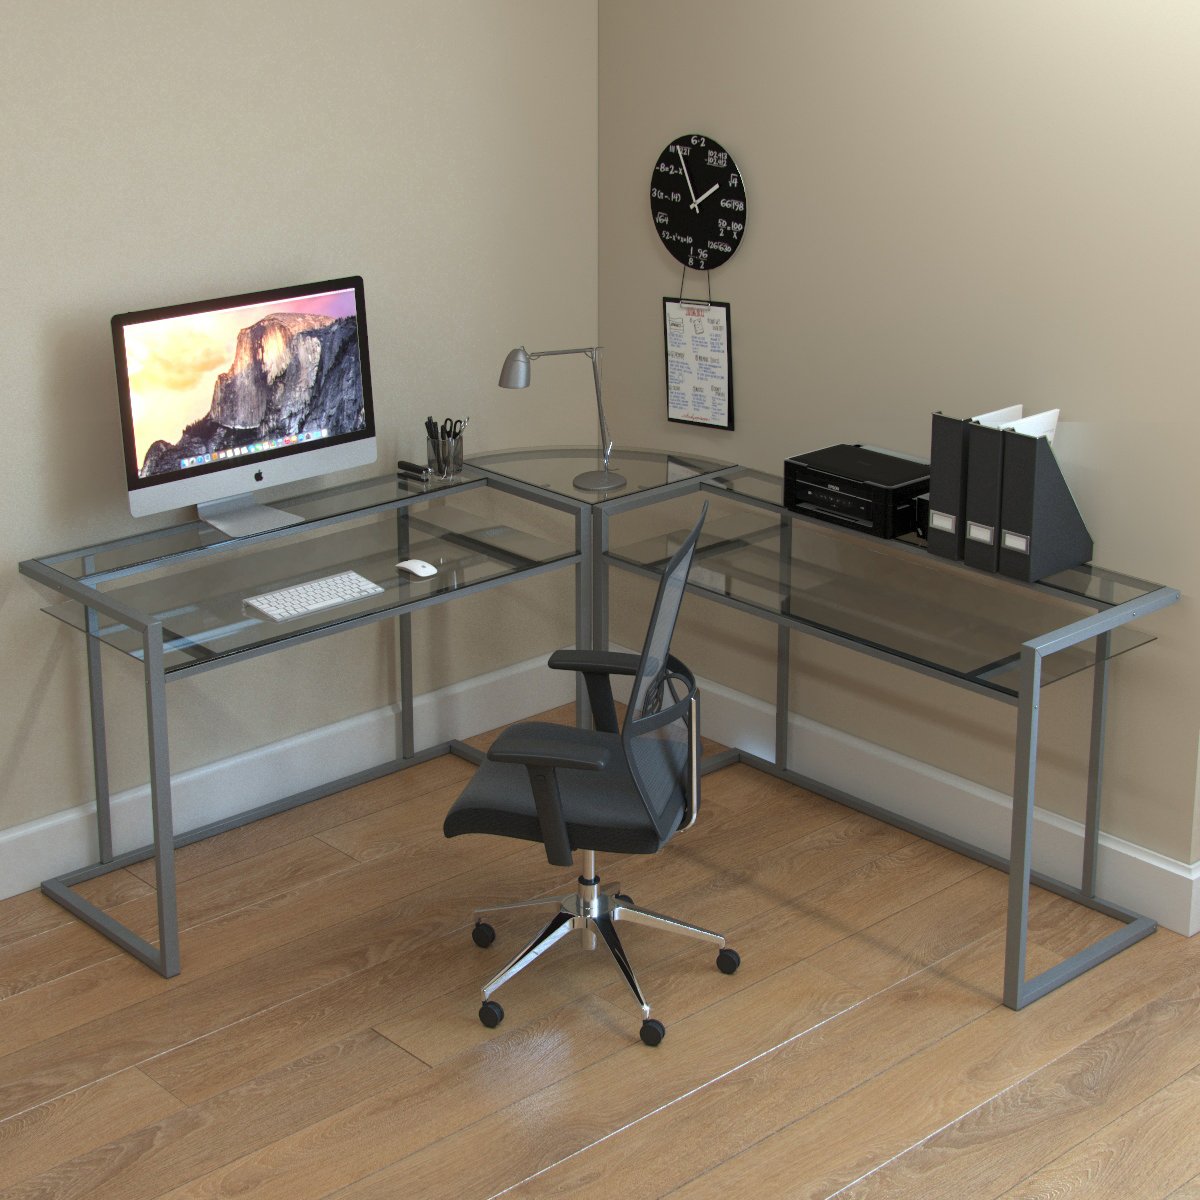 - Belmac 3-Piece Corner C Frame L Shaped Computer Desk In Clear